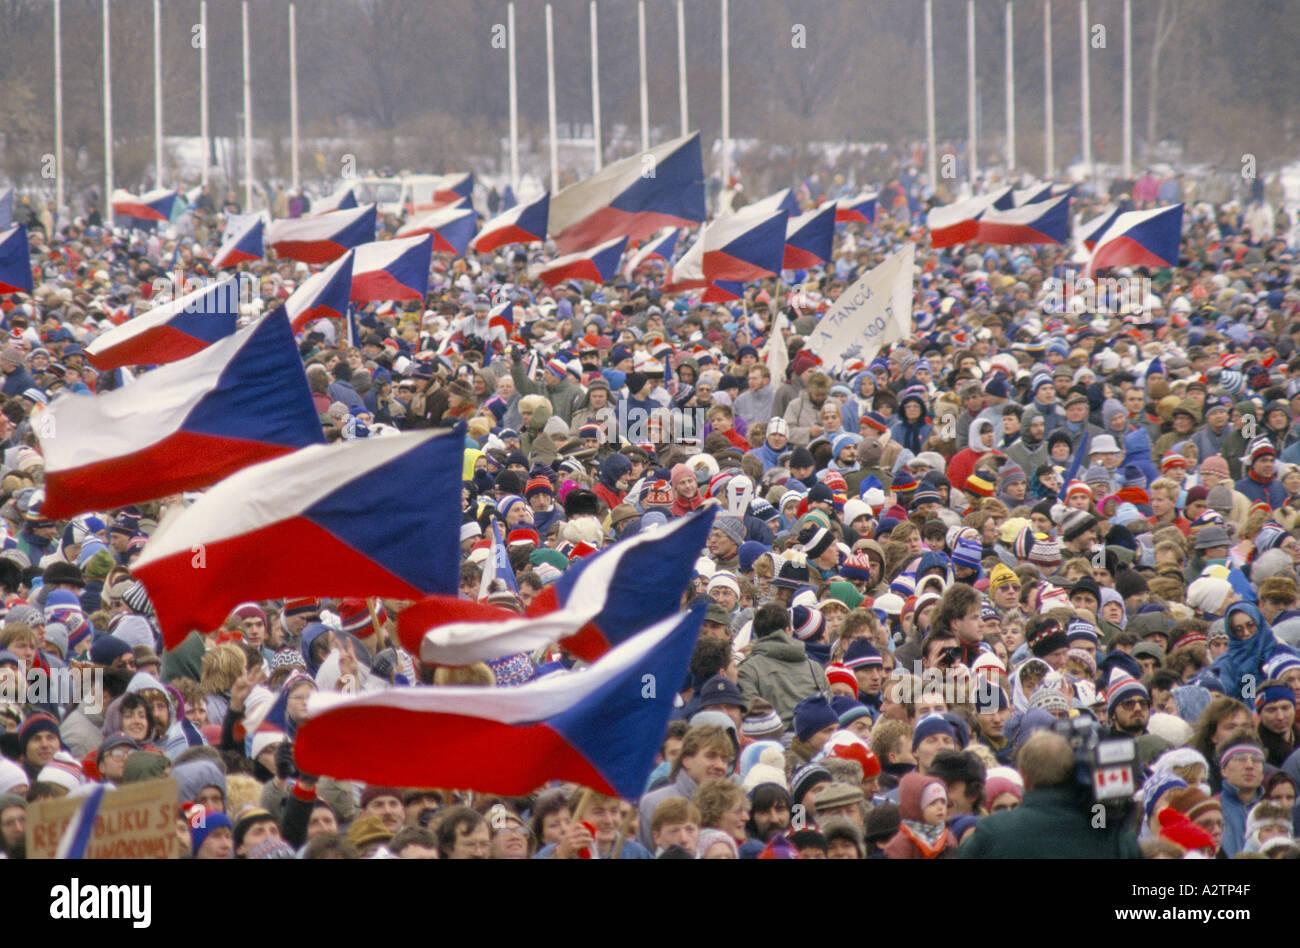 Teil 1-2, die Millionen starken Demo drängen sich während der samtenen Revolution 1989 Stockbild